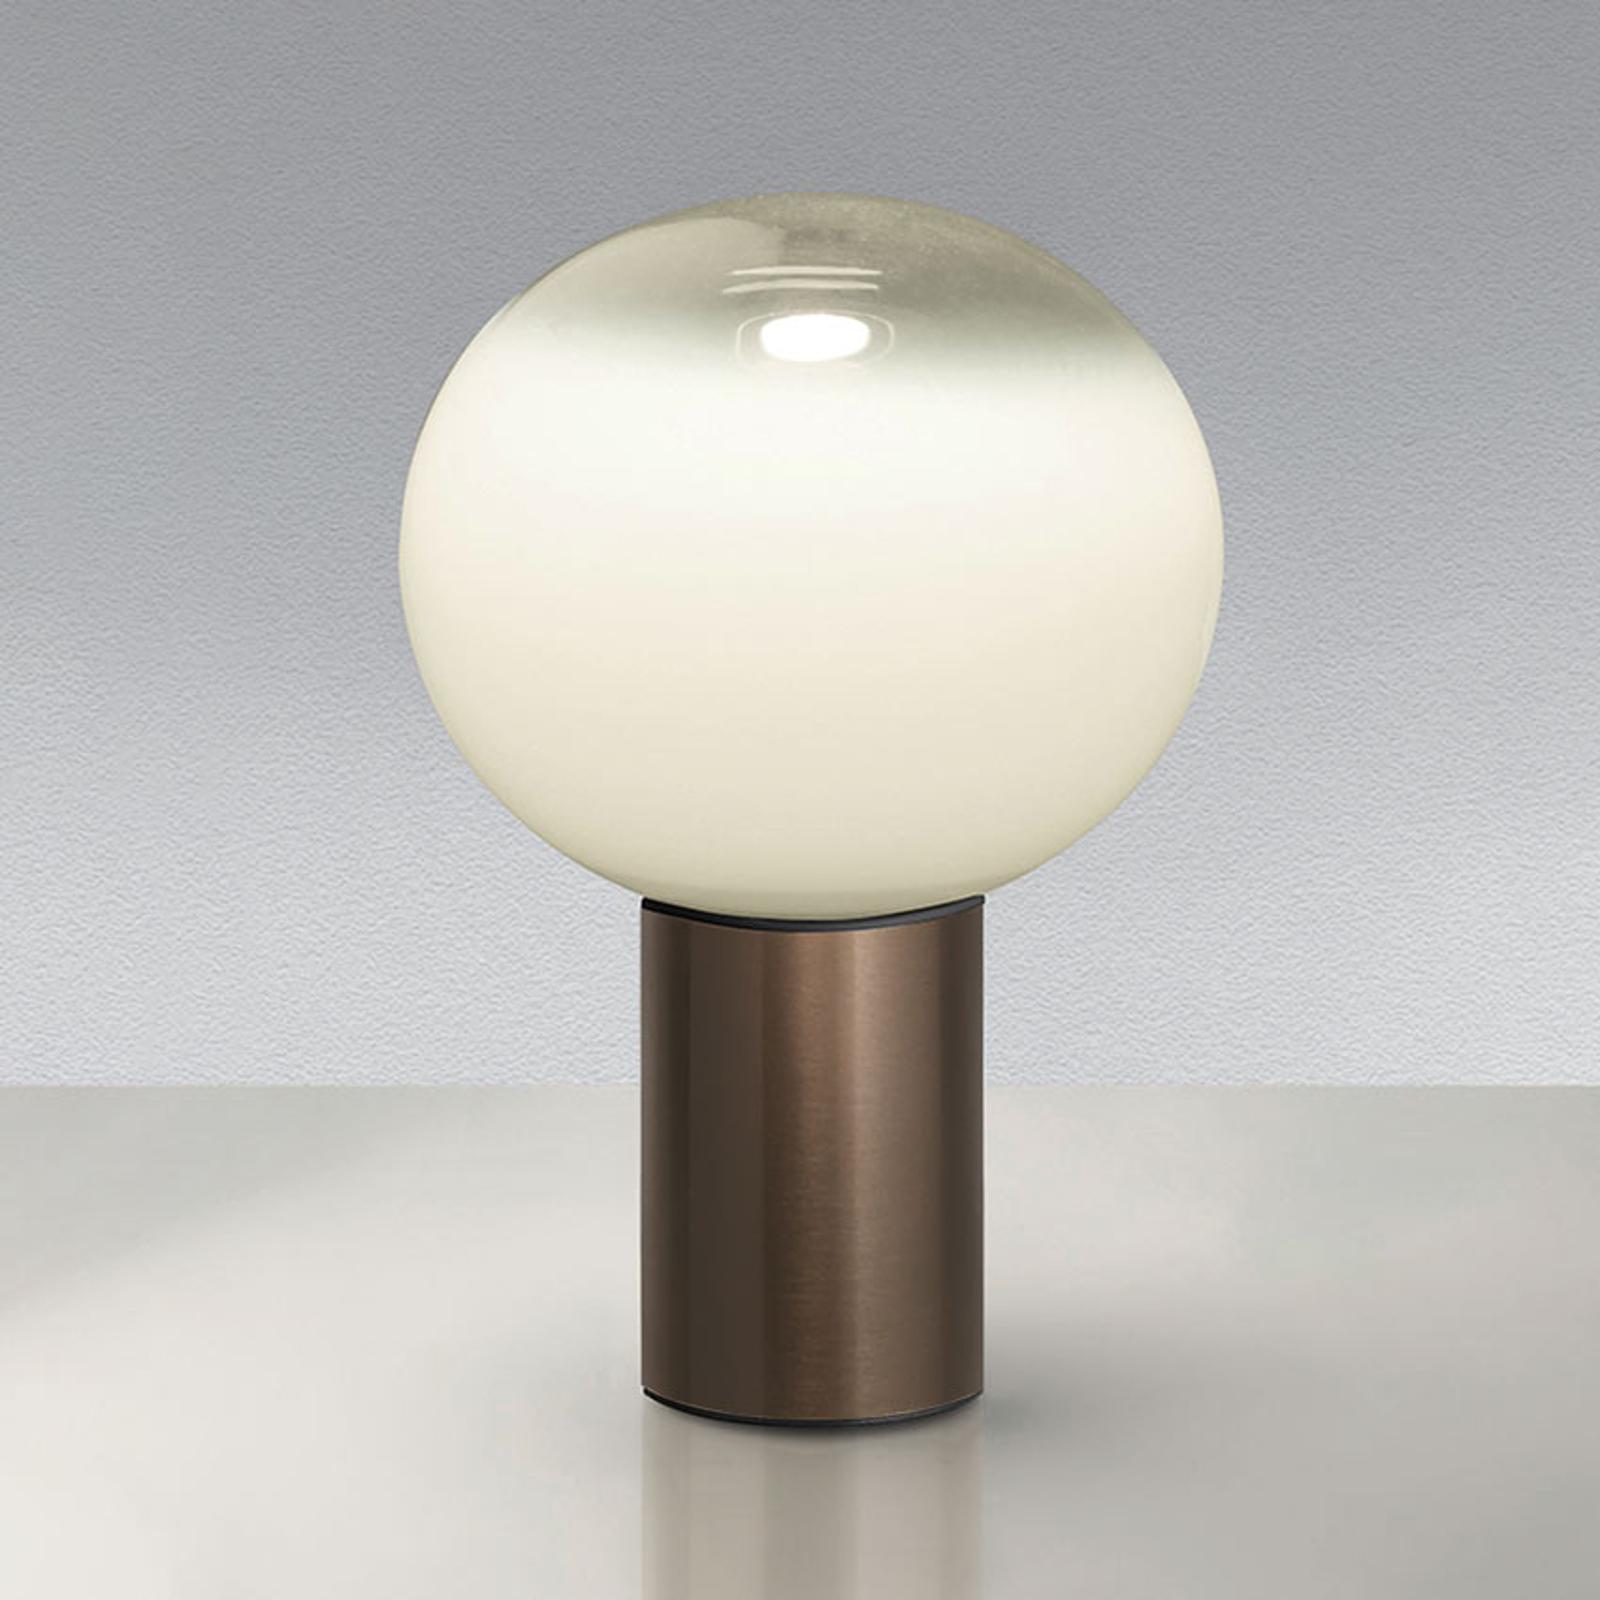 Artemide Laguna 16 lampada da tavolo bronzo